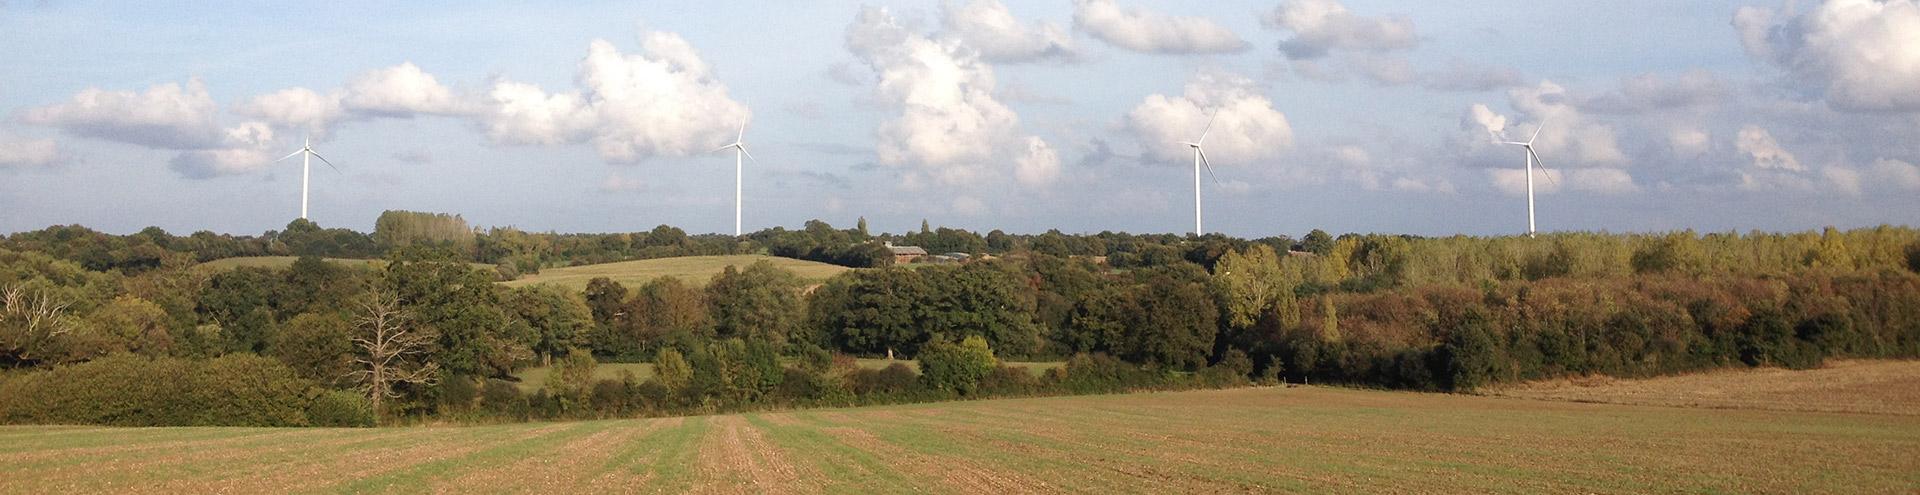 Commune Touvois 44650 éoliennes 44